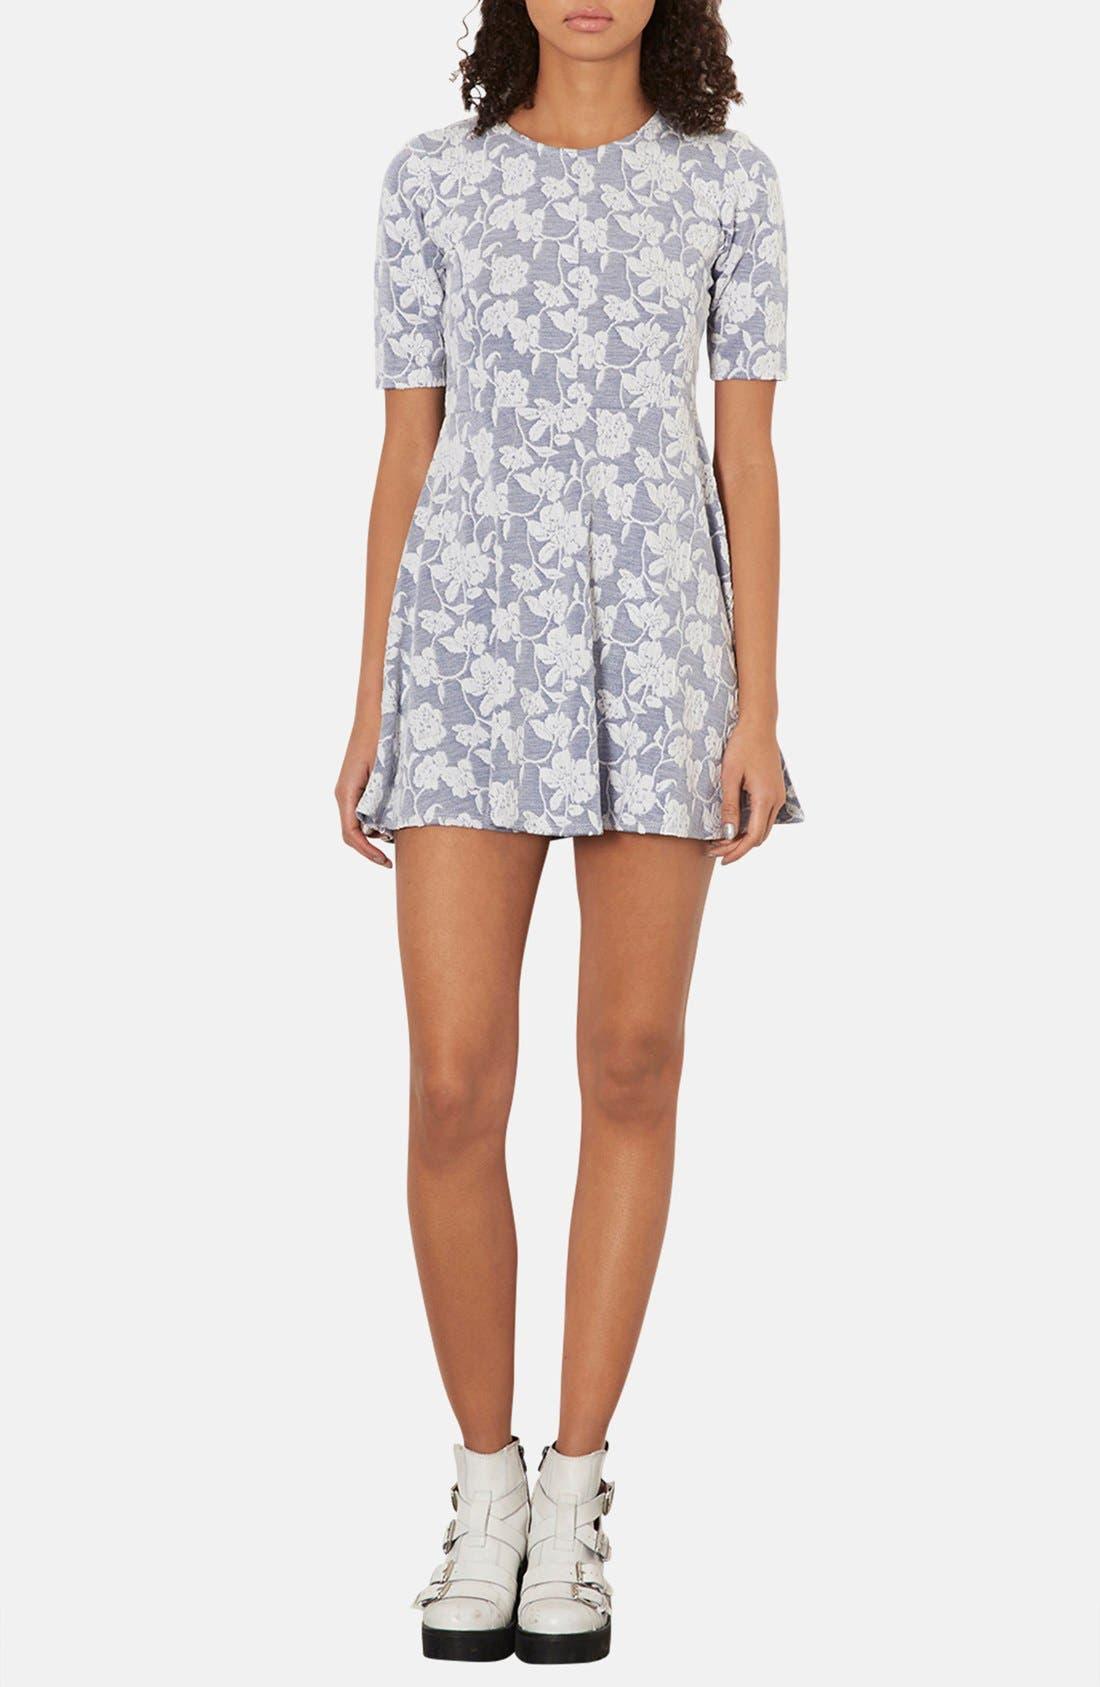 Alternate Image 1 Selected - Topshop Floral Jacquard Skater Dress